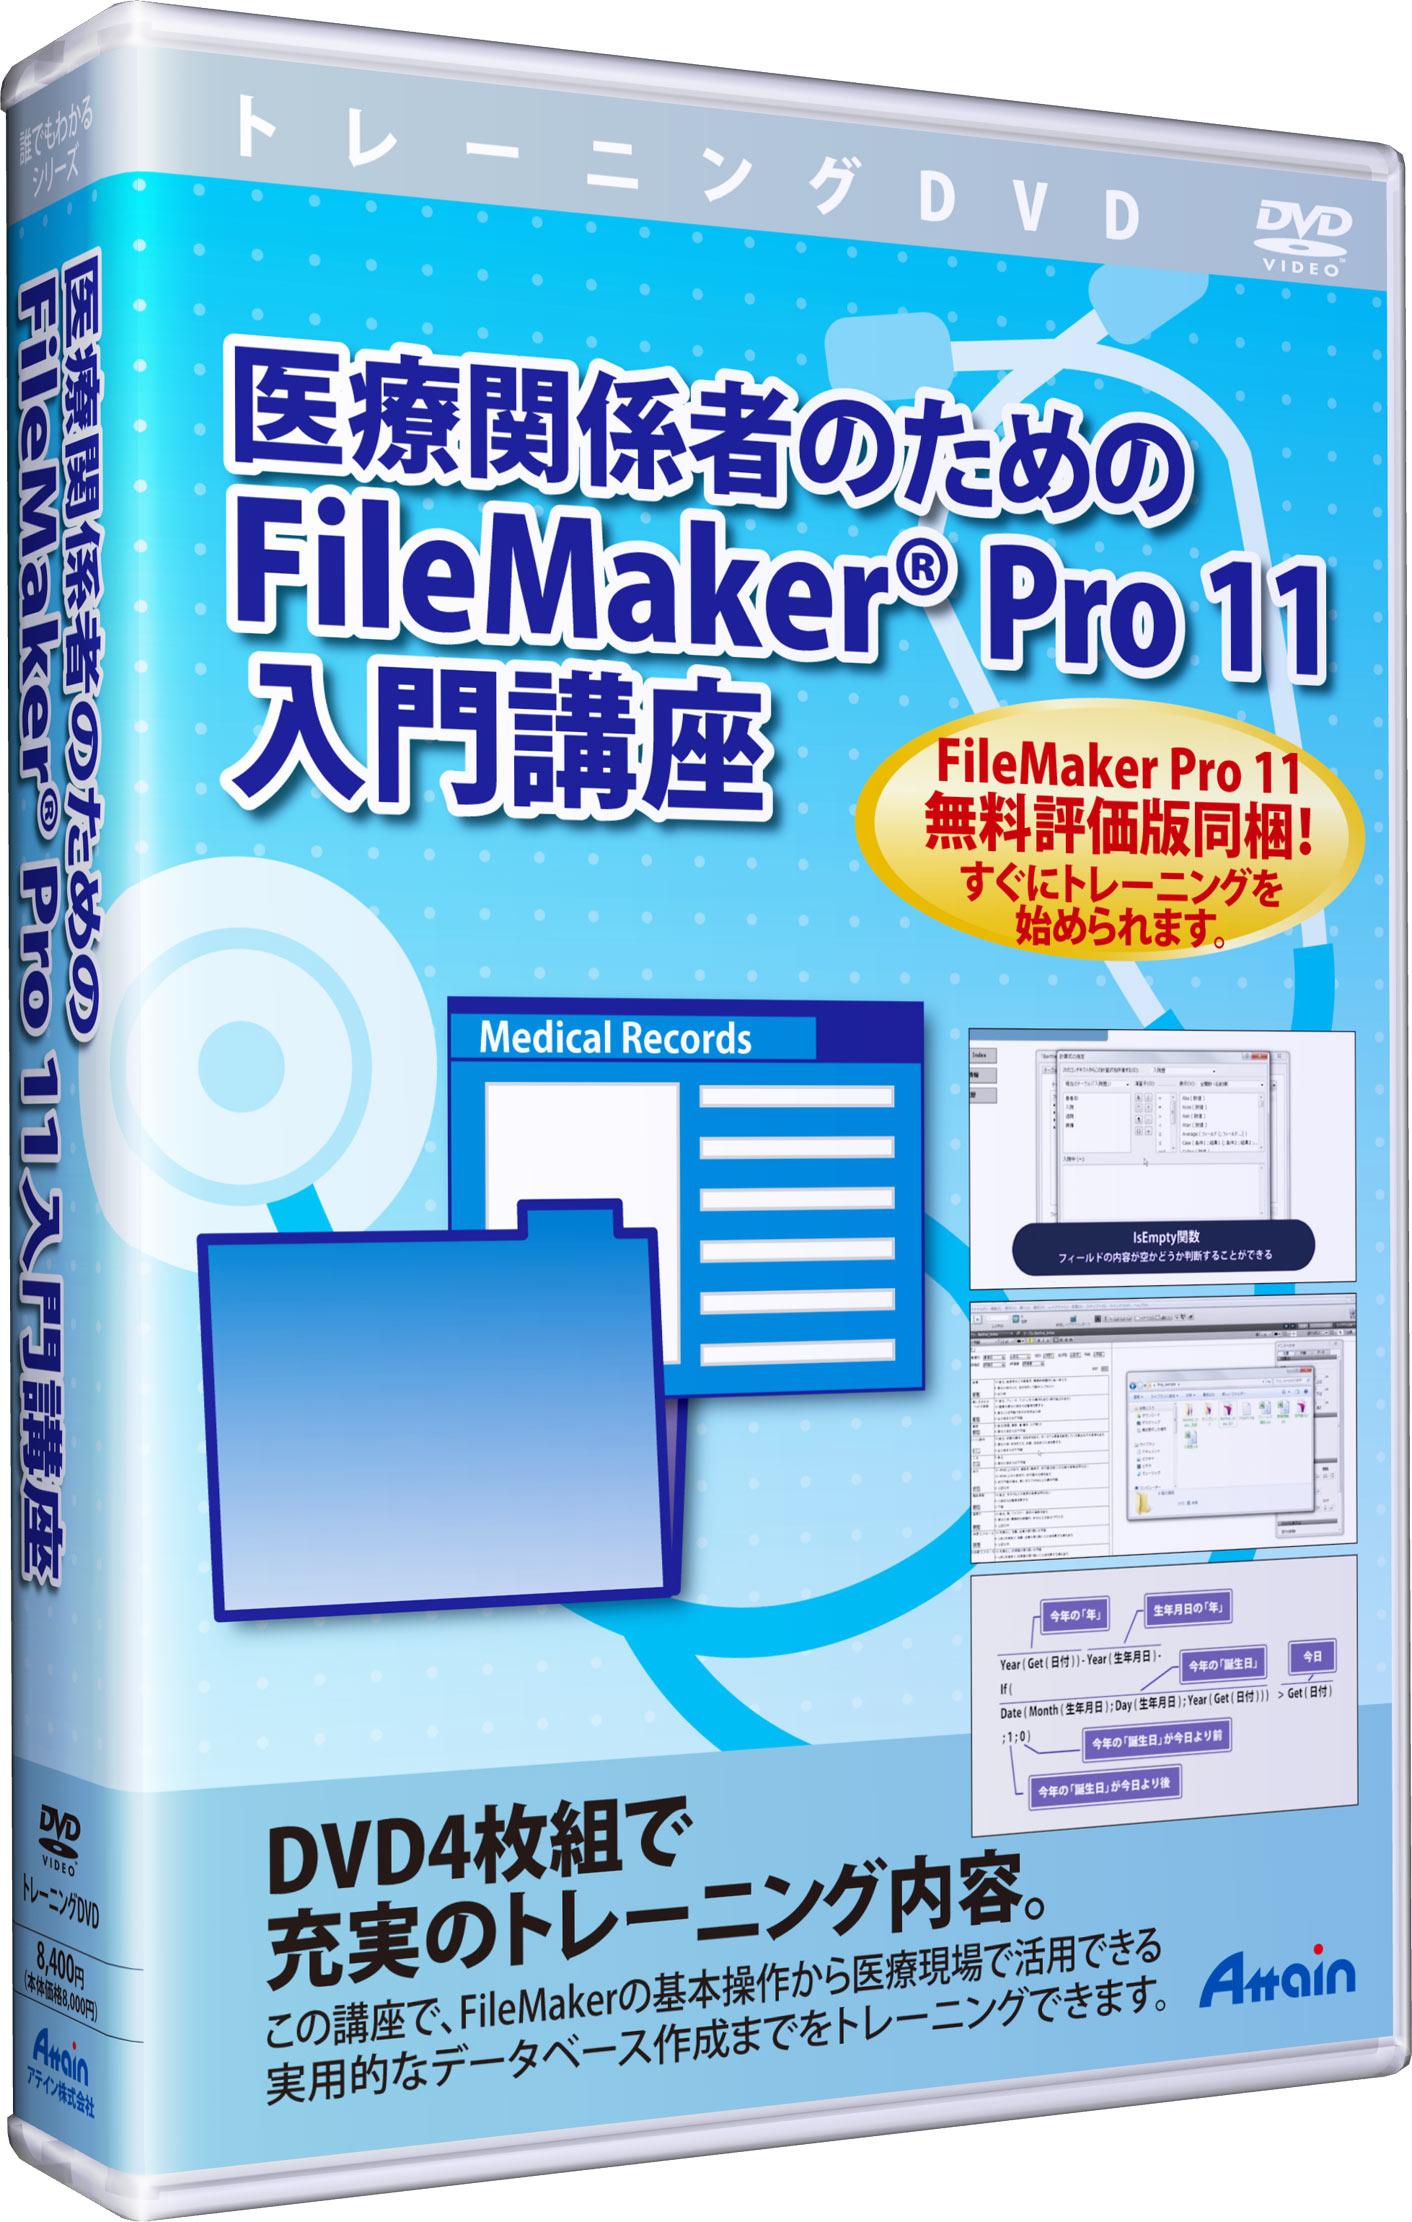 「医療関係者のためのFileMaker® Pro 11 入門講座」DVD教材、販売開始